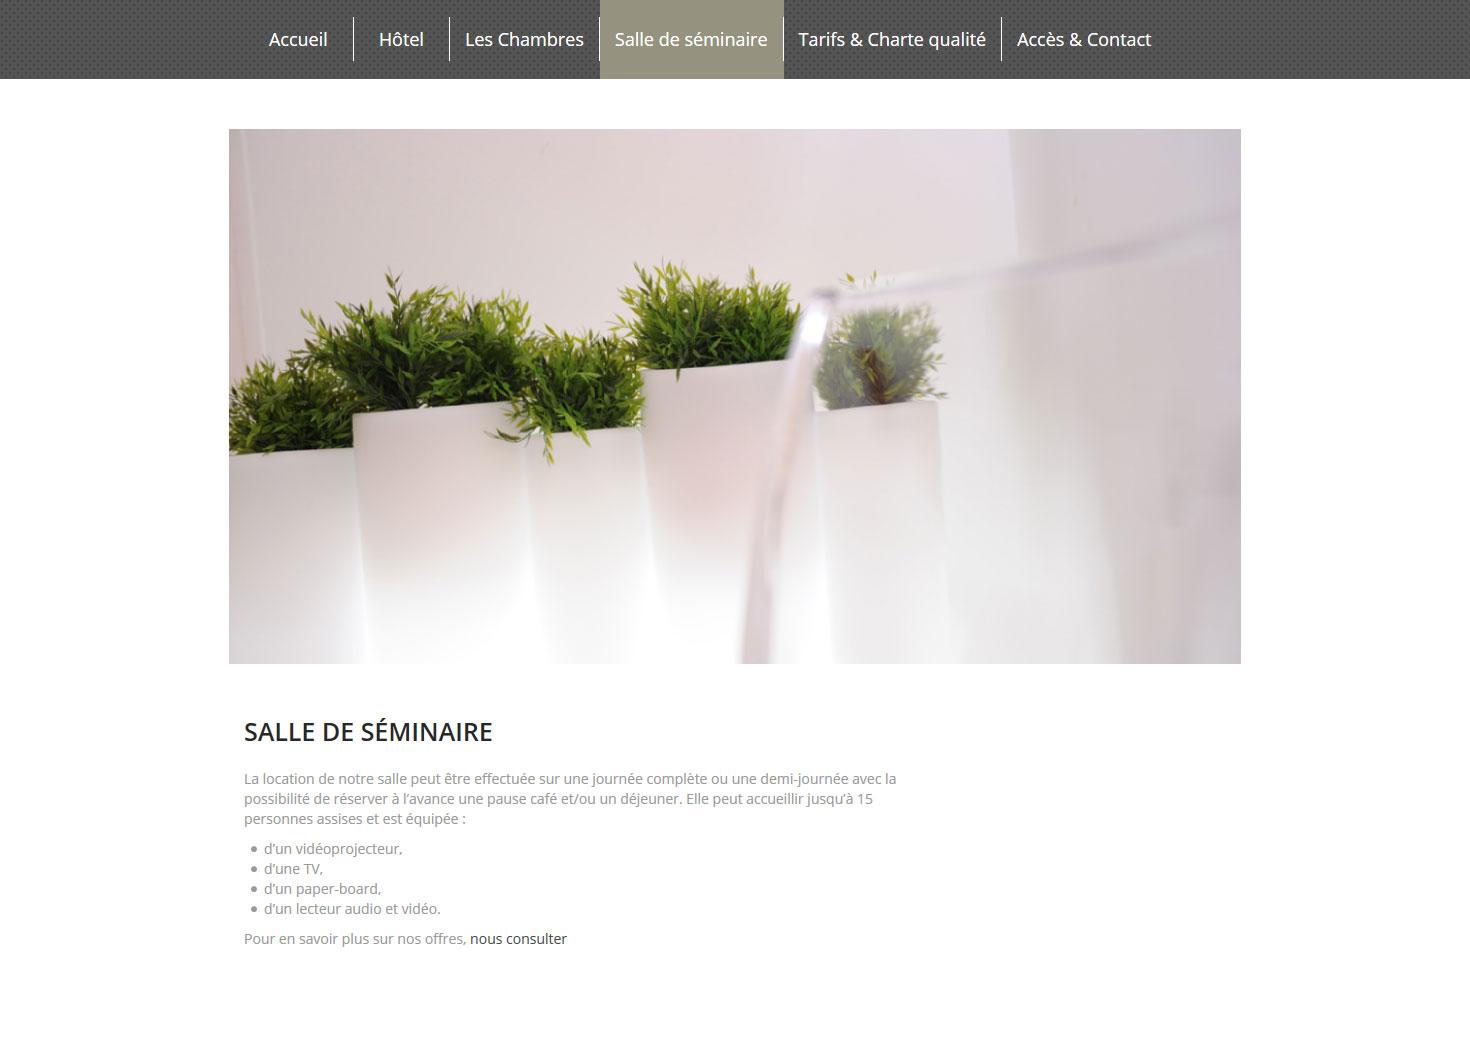 hotelvulcain-page3